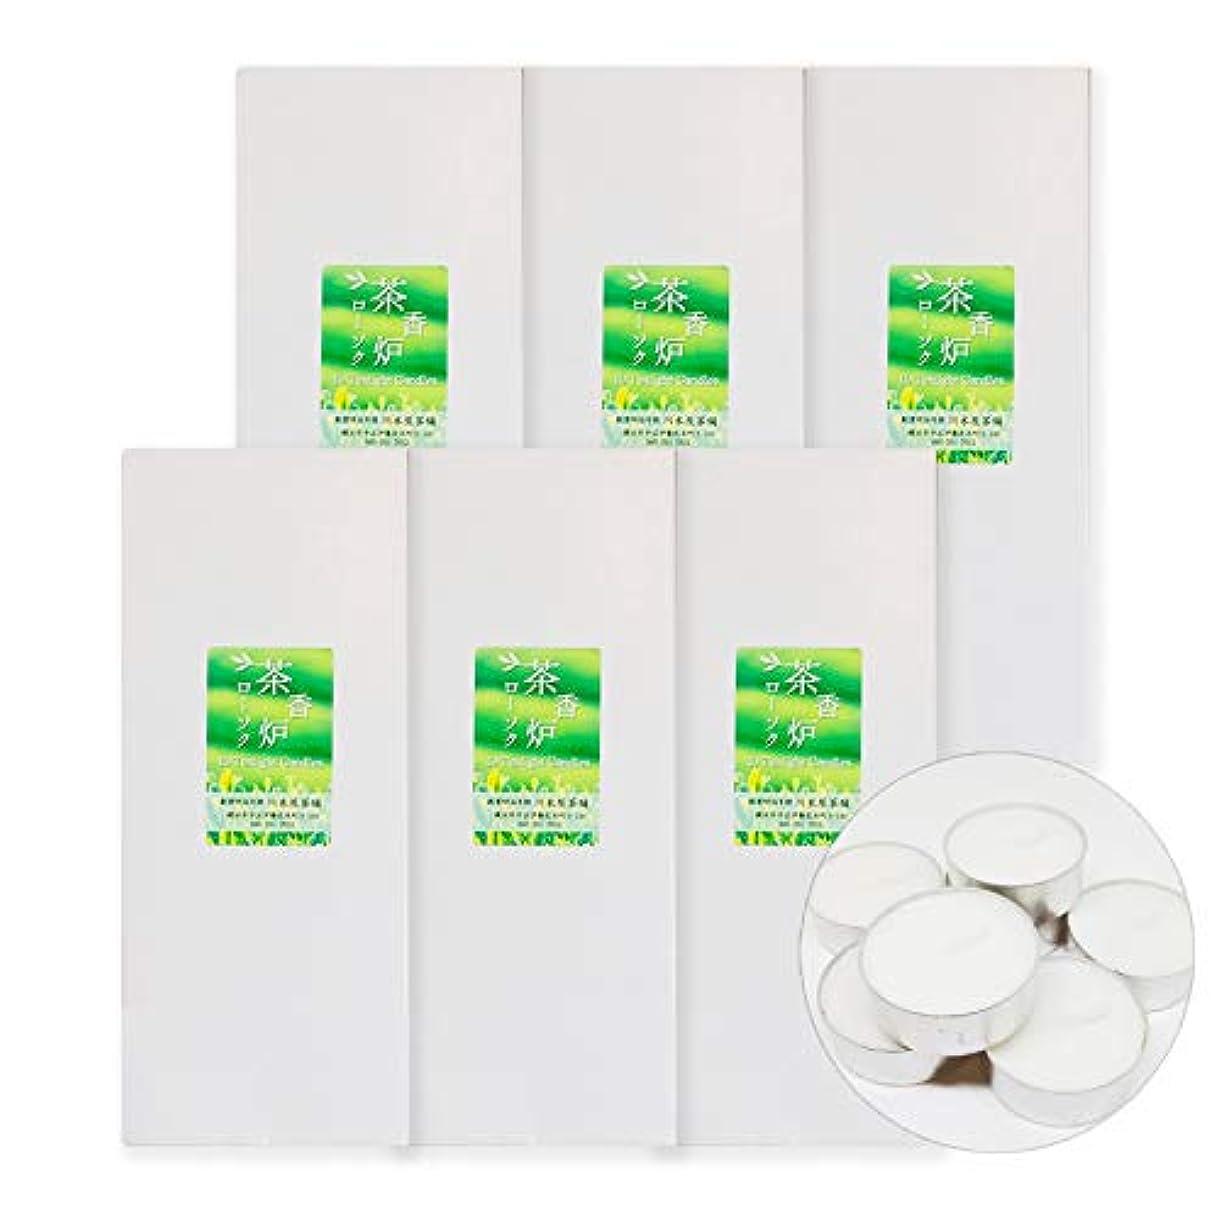 アレルギー七面鳥タール茶香炉専用 ろうそく キャンドル 10個入り 川本屋茶舗 (6箱)